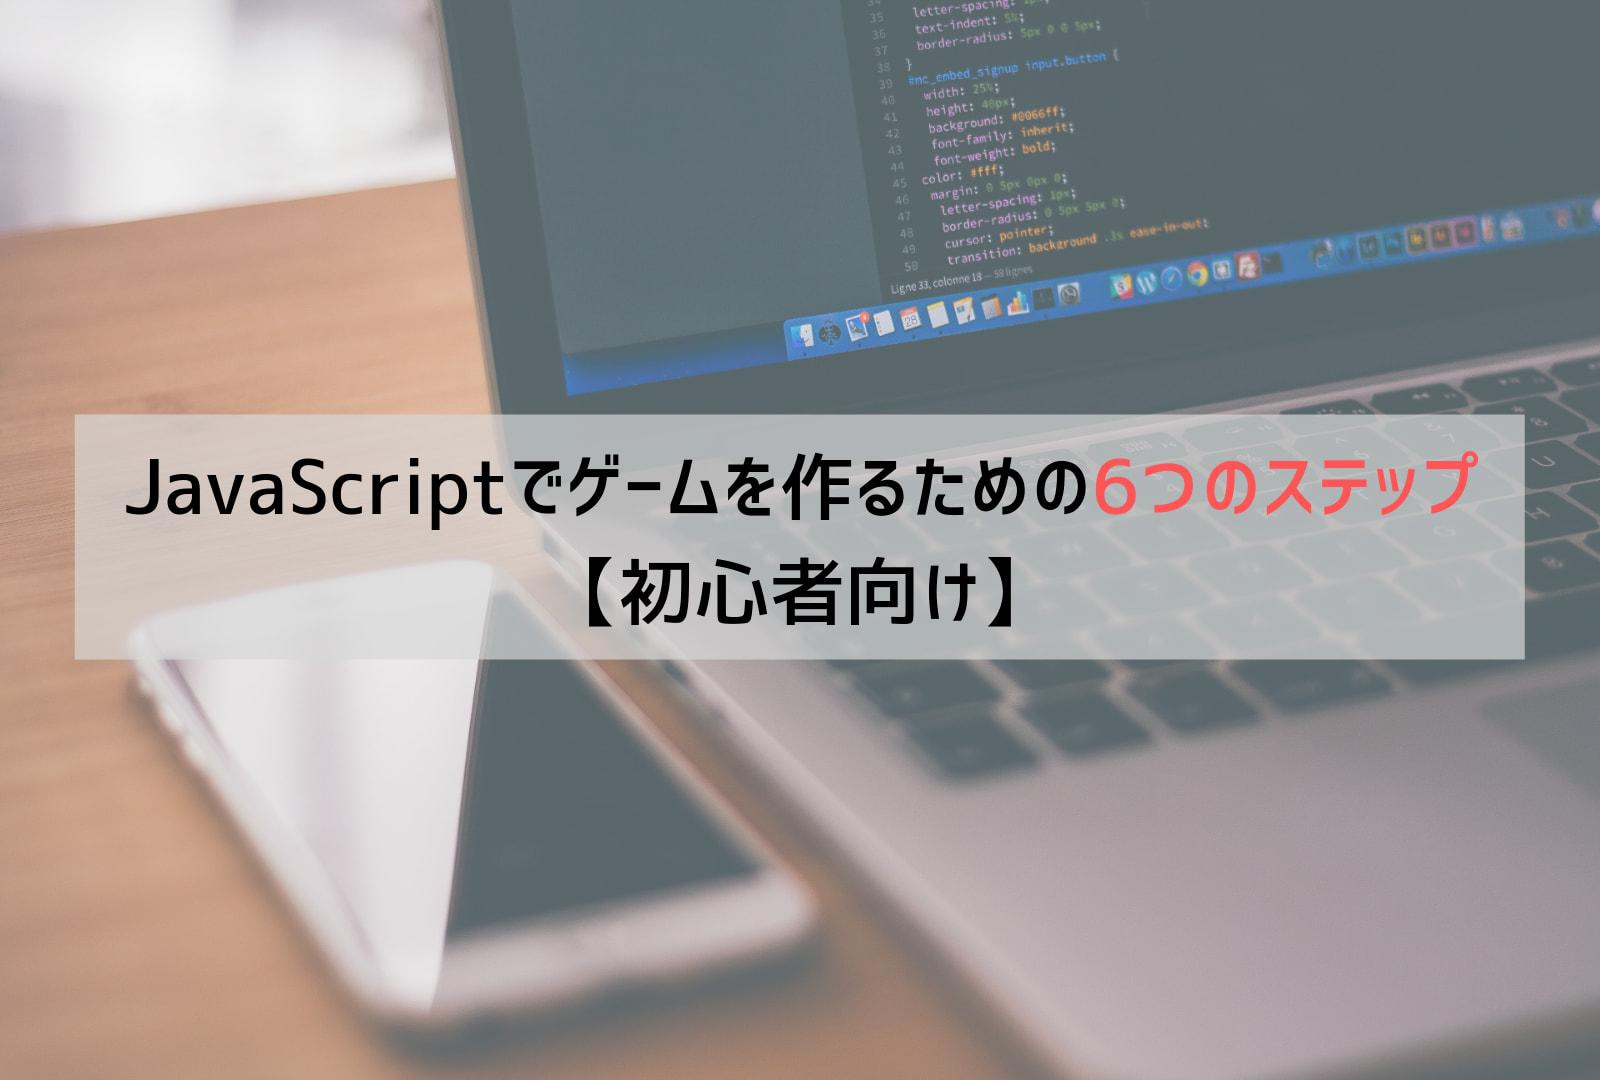 【初心者向け】JavaScriptでゲームを作るための6つのステップ